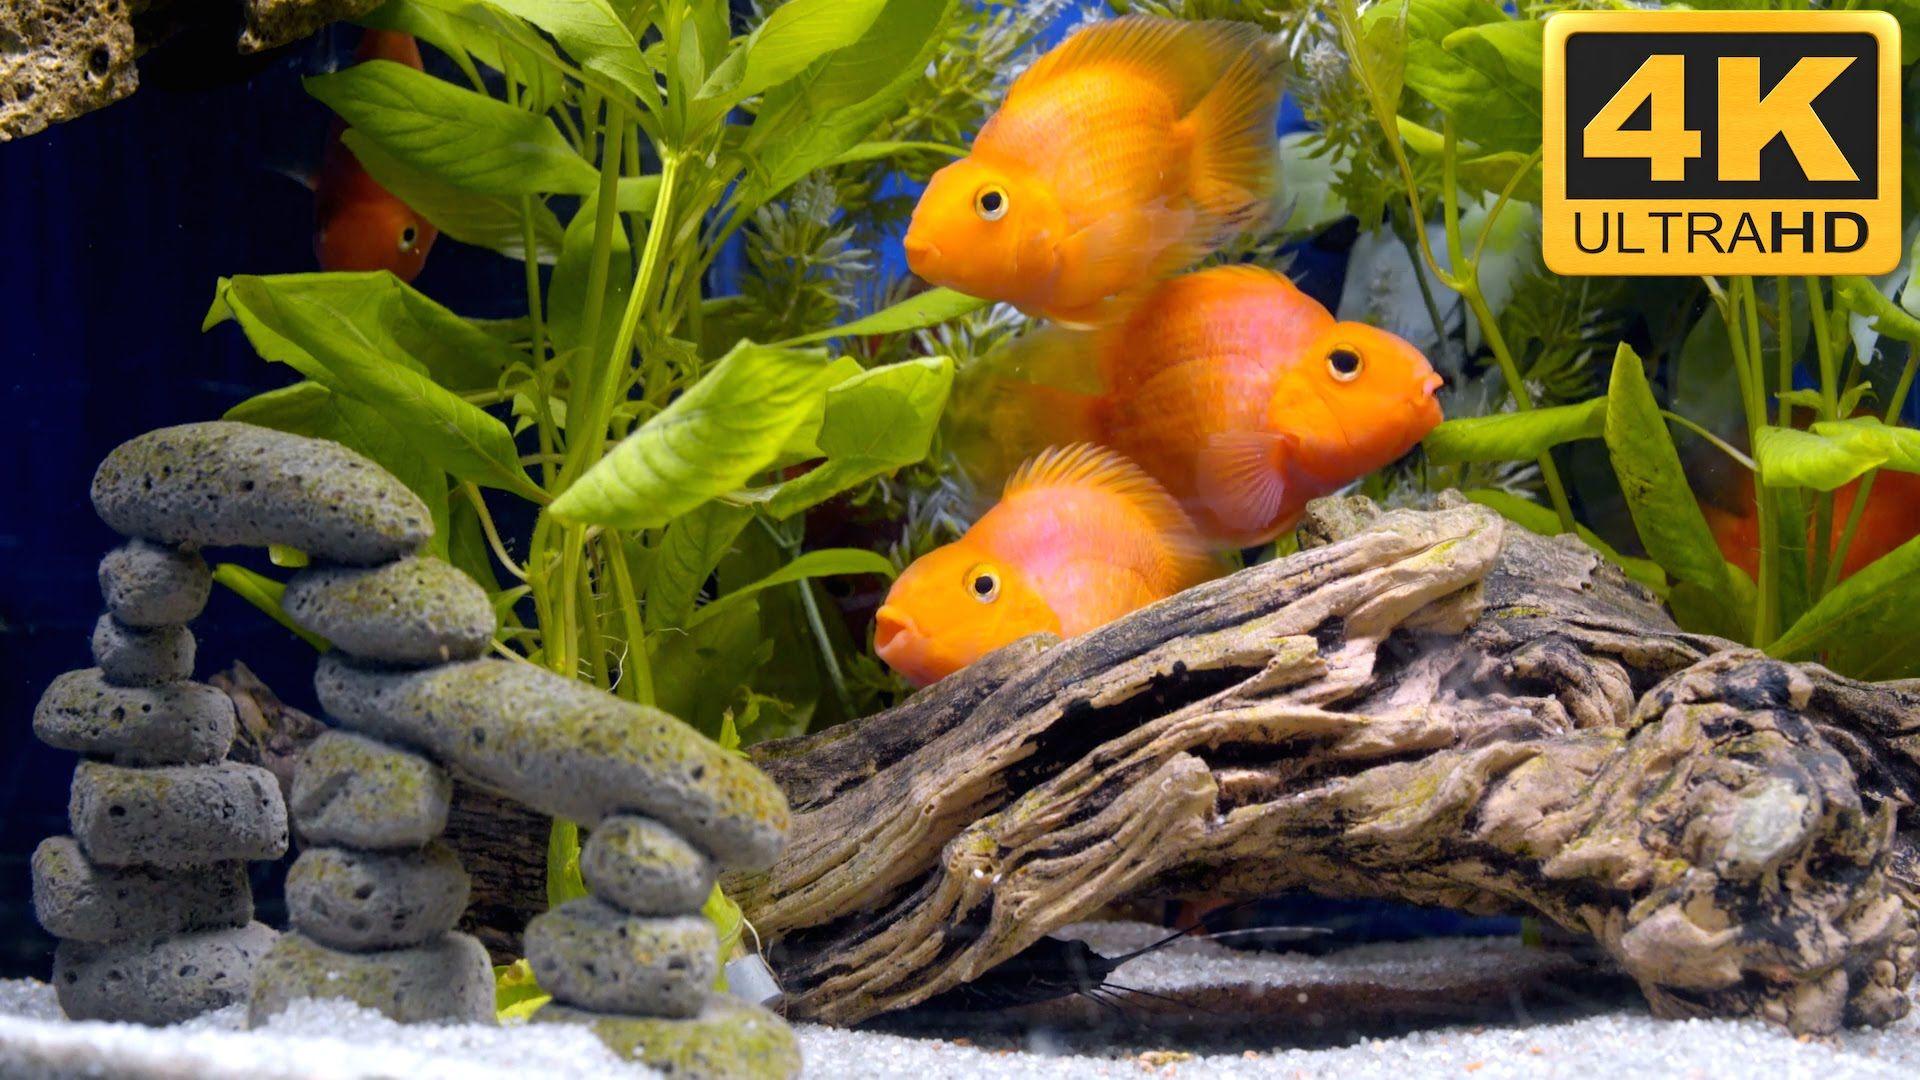 Mini Parrot Fish Like Big Goldfish In 4k Ultra Hd Uscenes